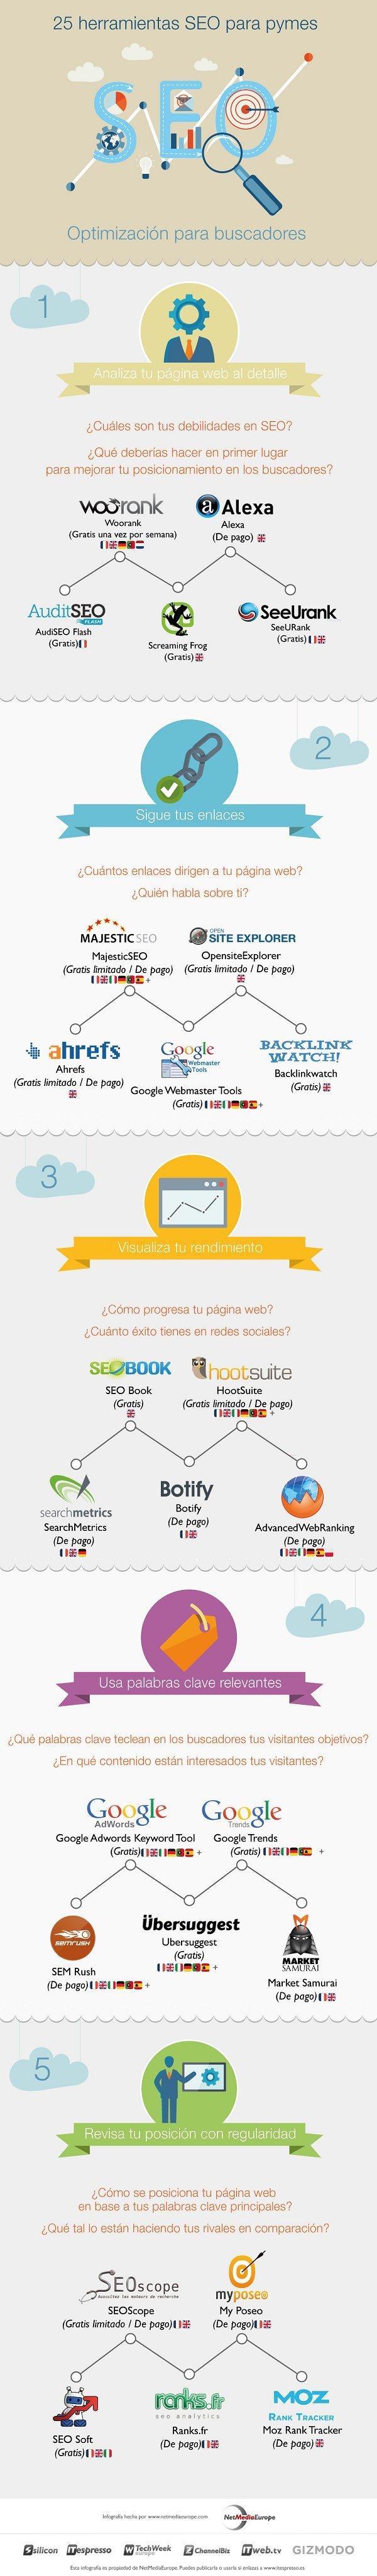 Infografía con 25 herramientas SEO para PYMES